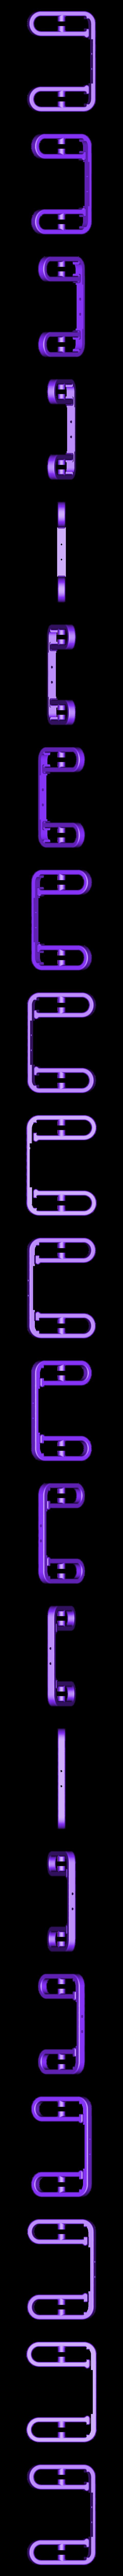 platov0.9Brazo.stl Télécharger fichier STL gratuit Harrope Cable Cam GoPro v1.0 • Design pour imprimante 3D, GuillermoMaroto